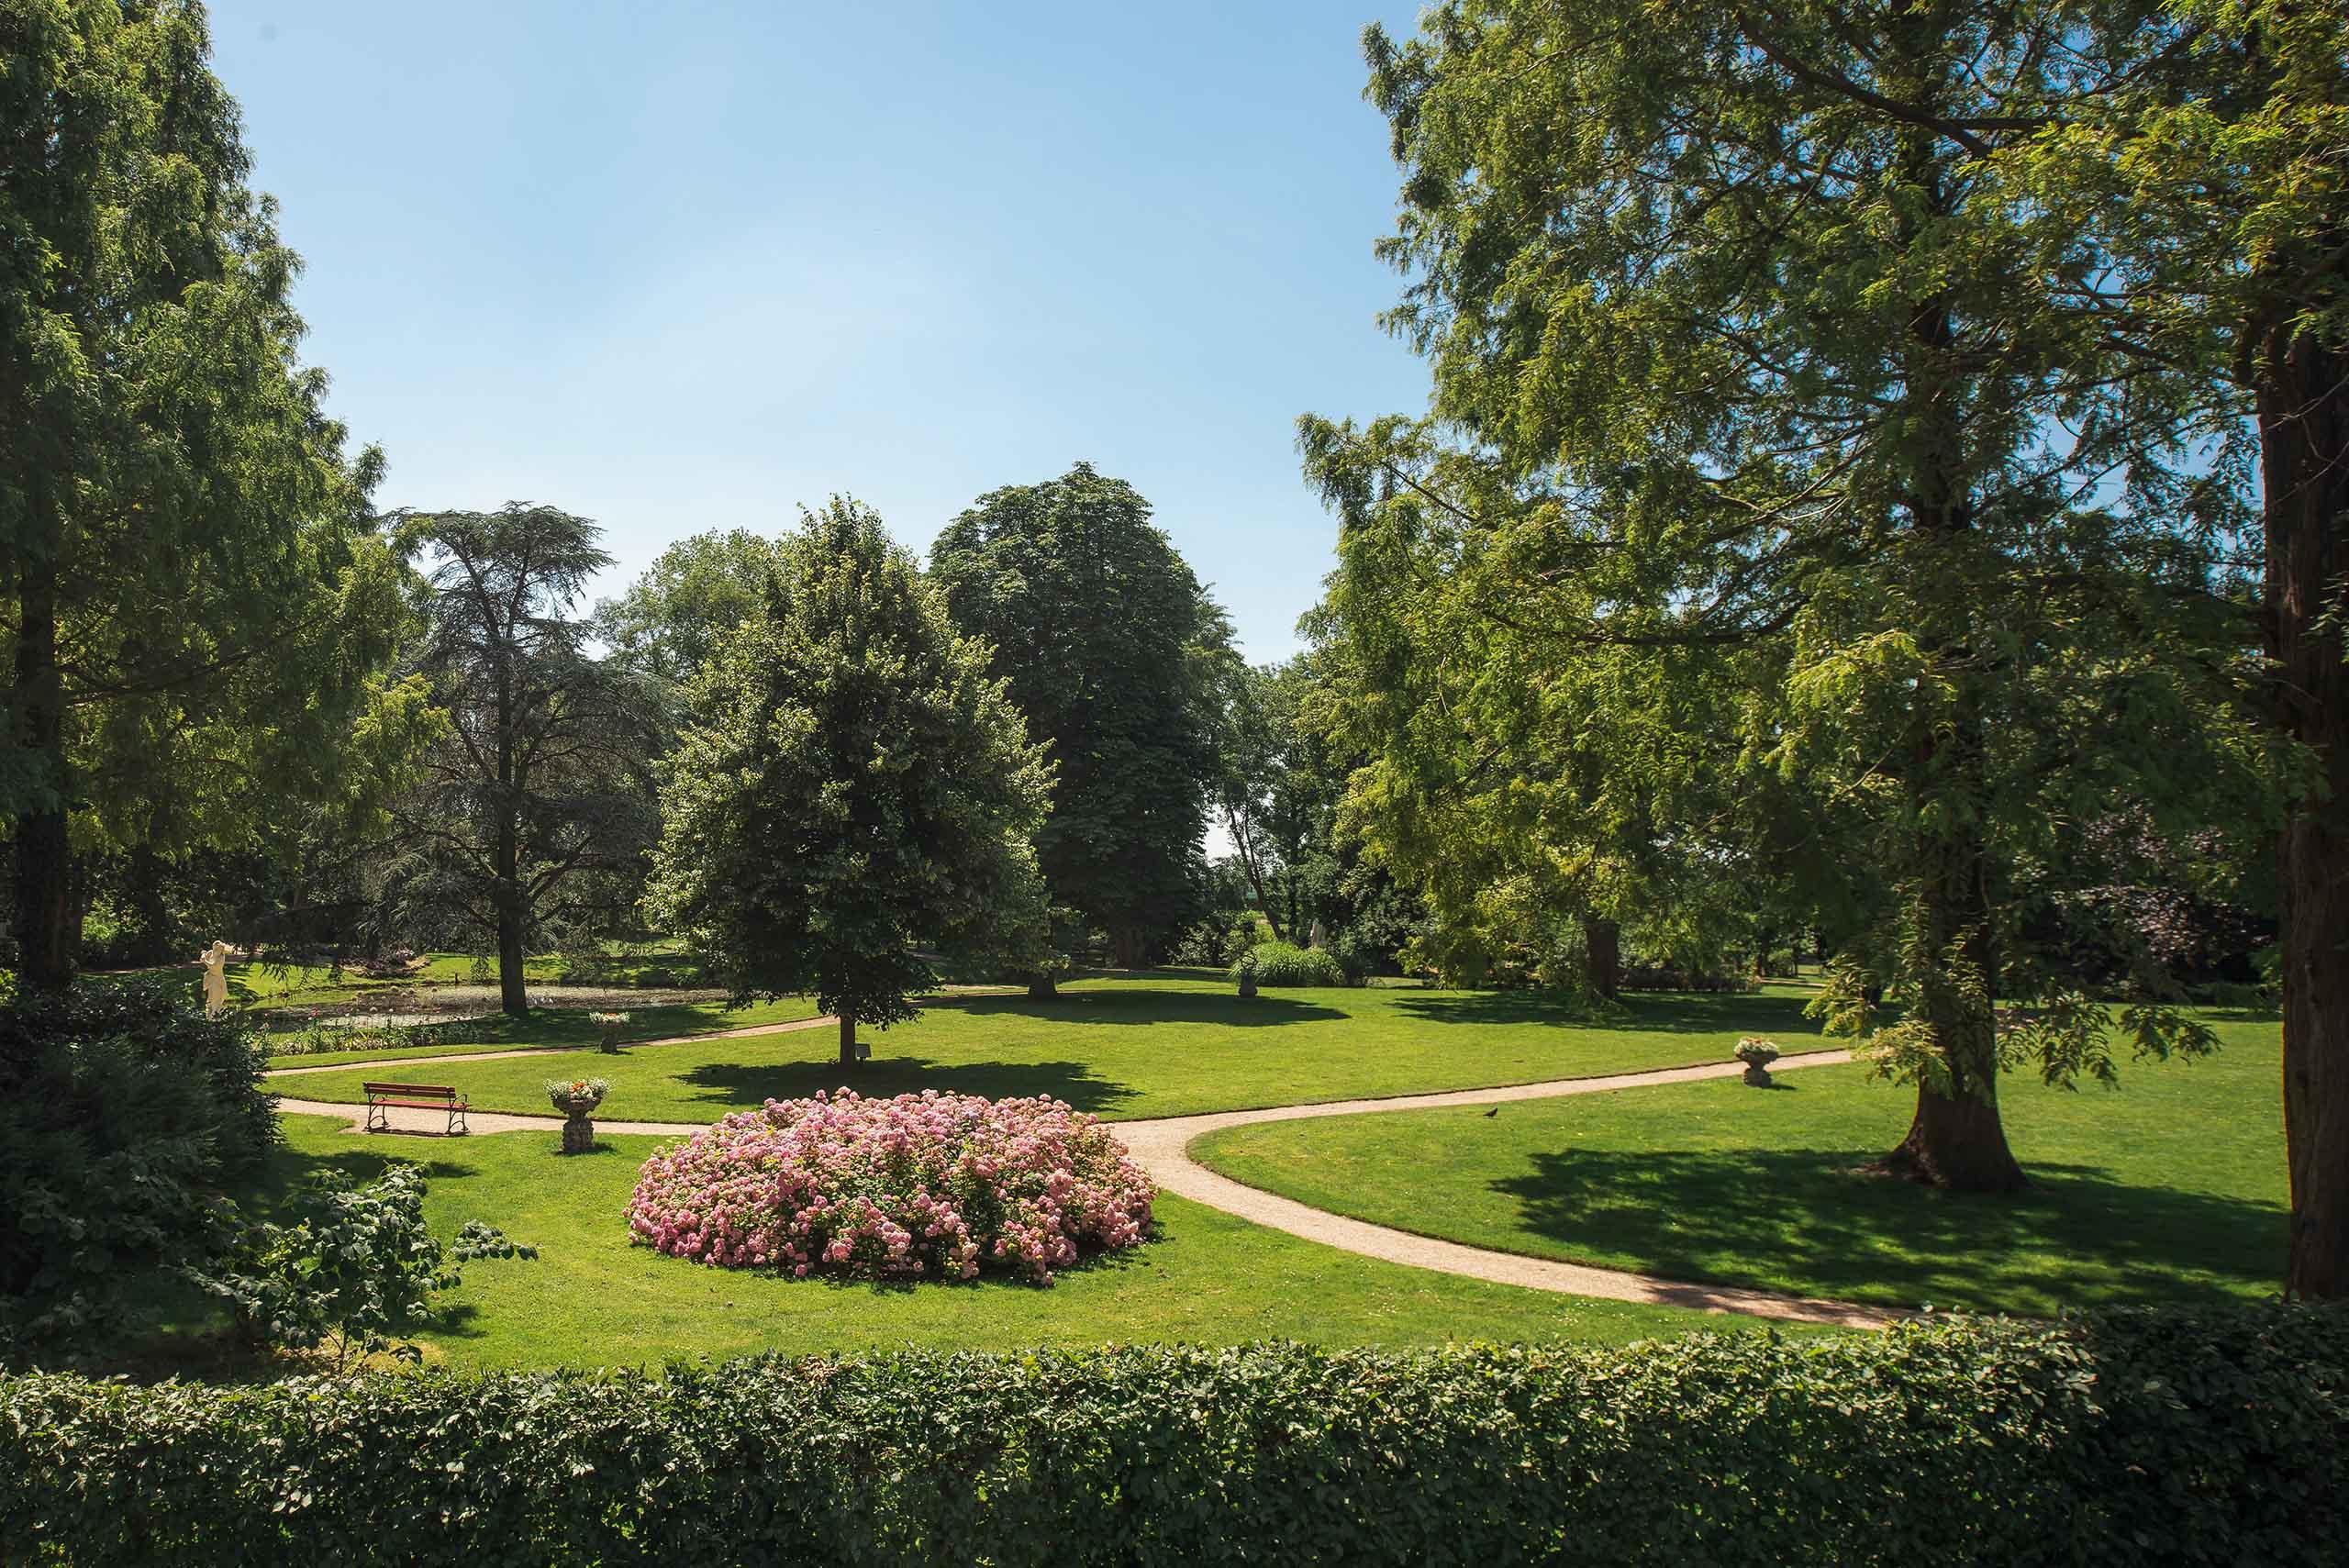 Erfgoedhoveniers Reijm Buitenplaats Bisdom van Vliet parkrestauratie en onderhoud (4)